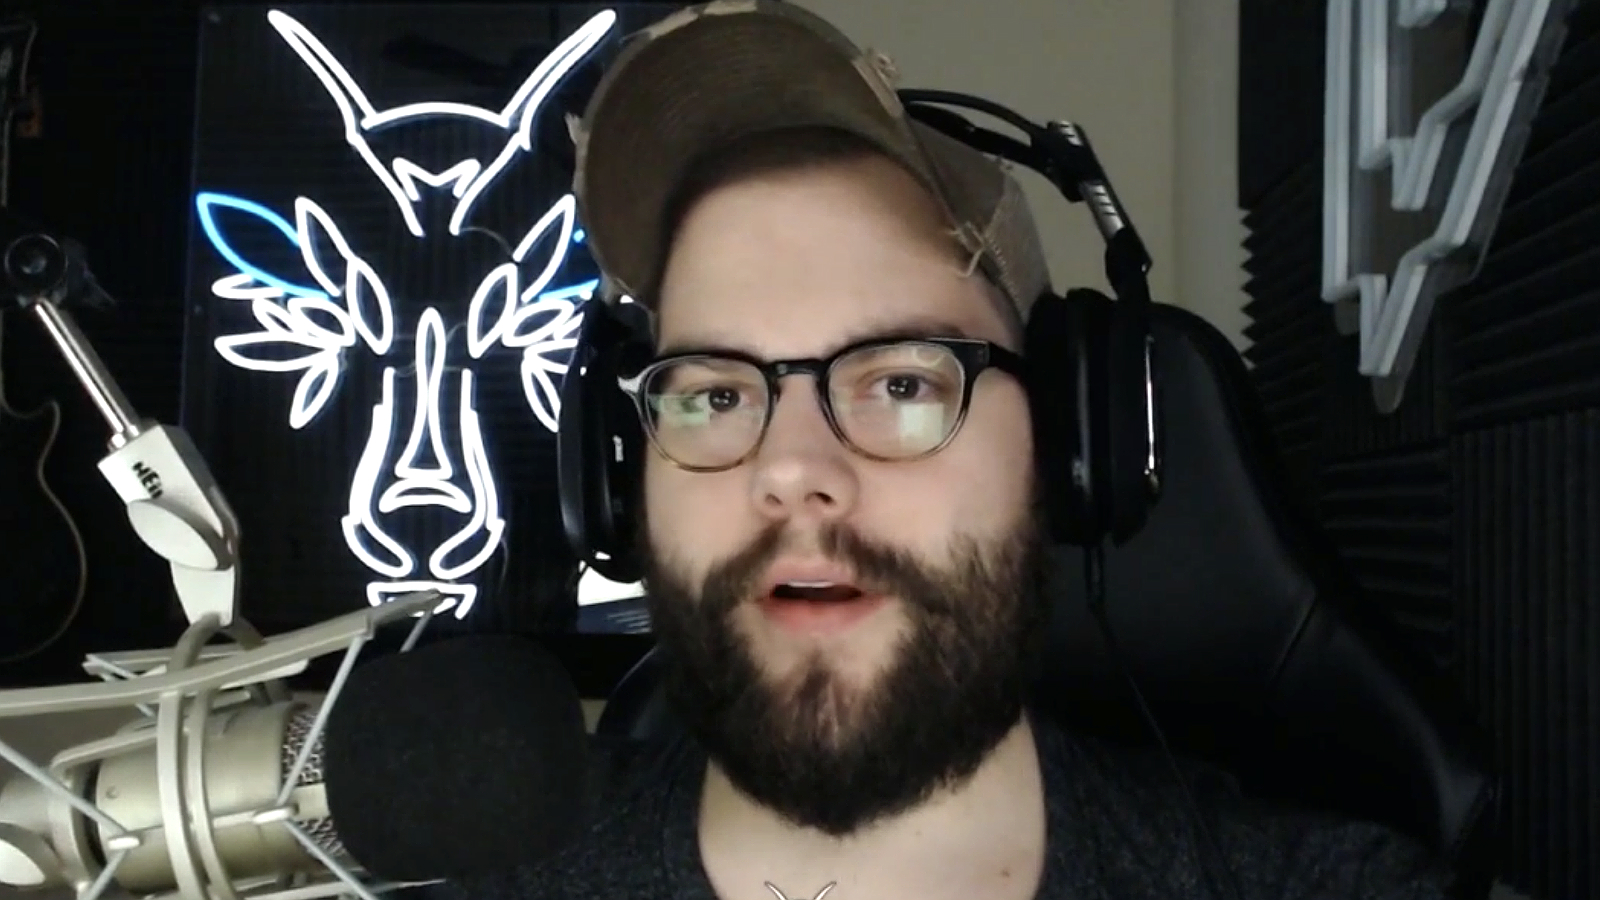 Dakotaz streaming on Twitch